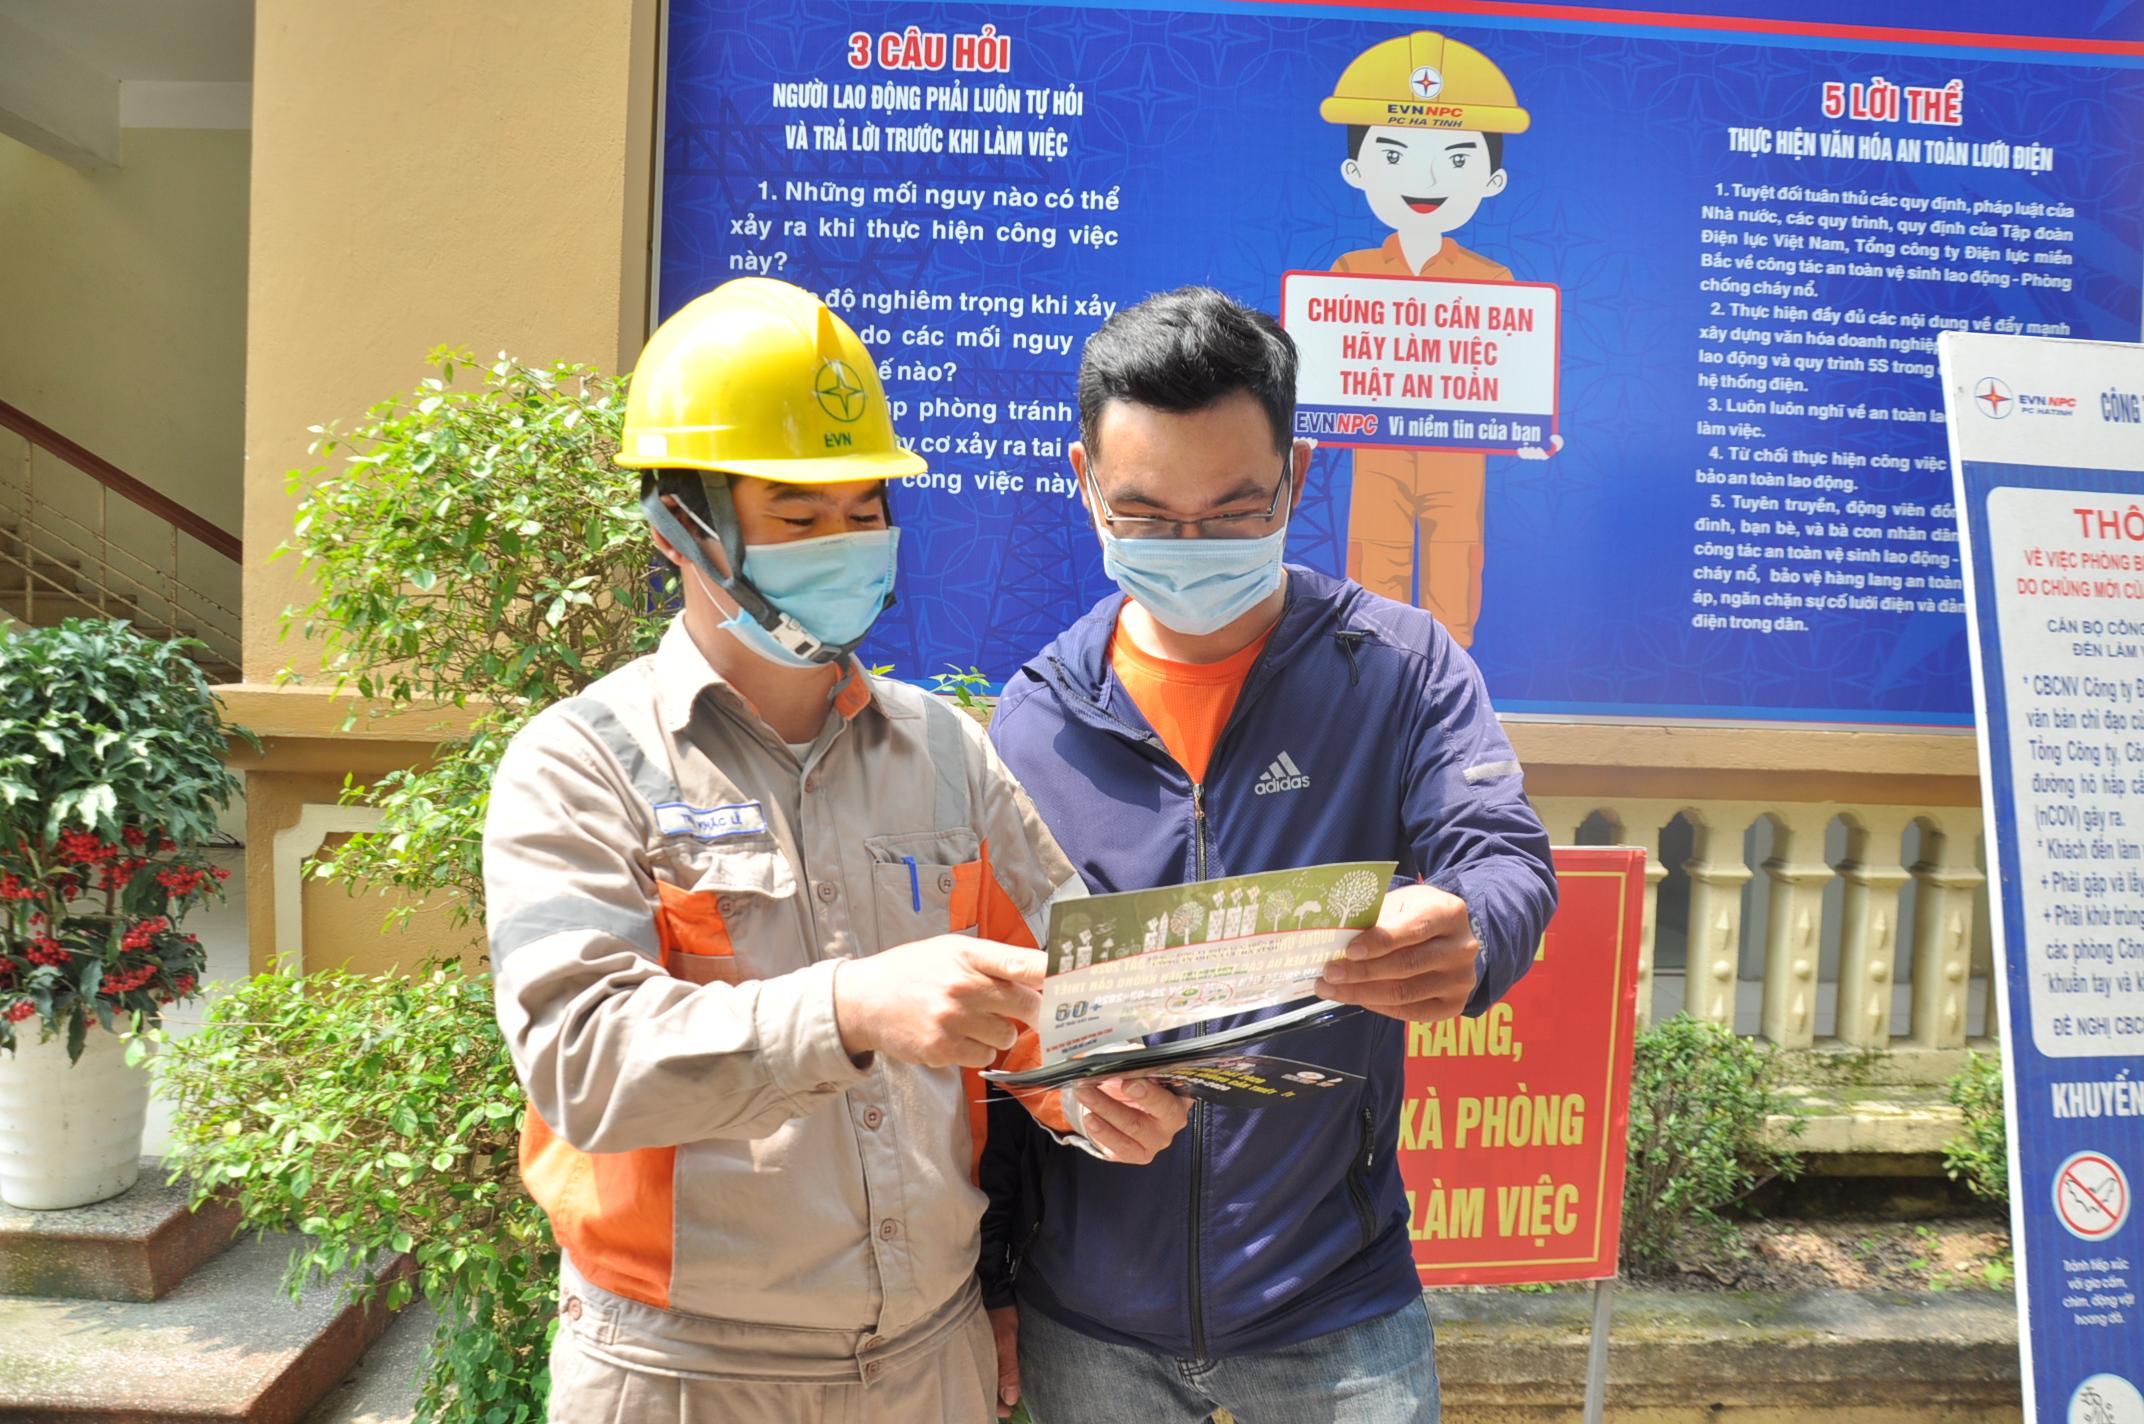 PC Hà Tĩnh tuyên truyền hóa đơn tiền điện